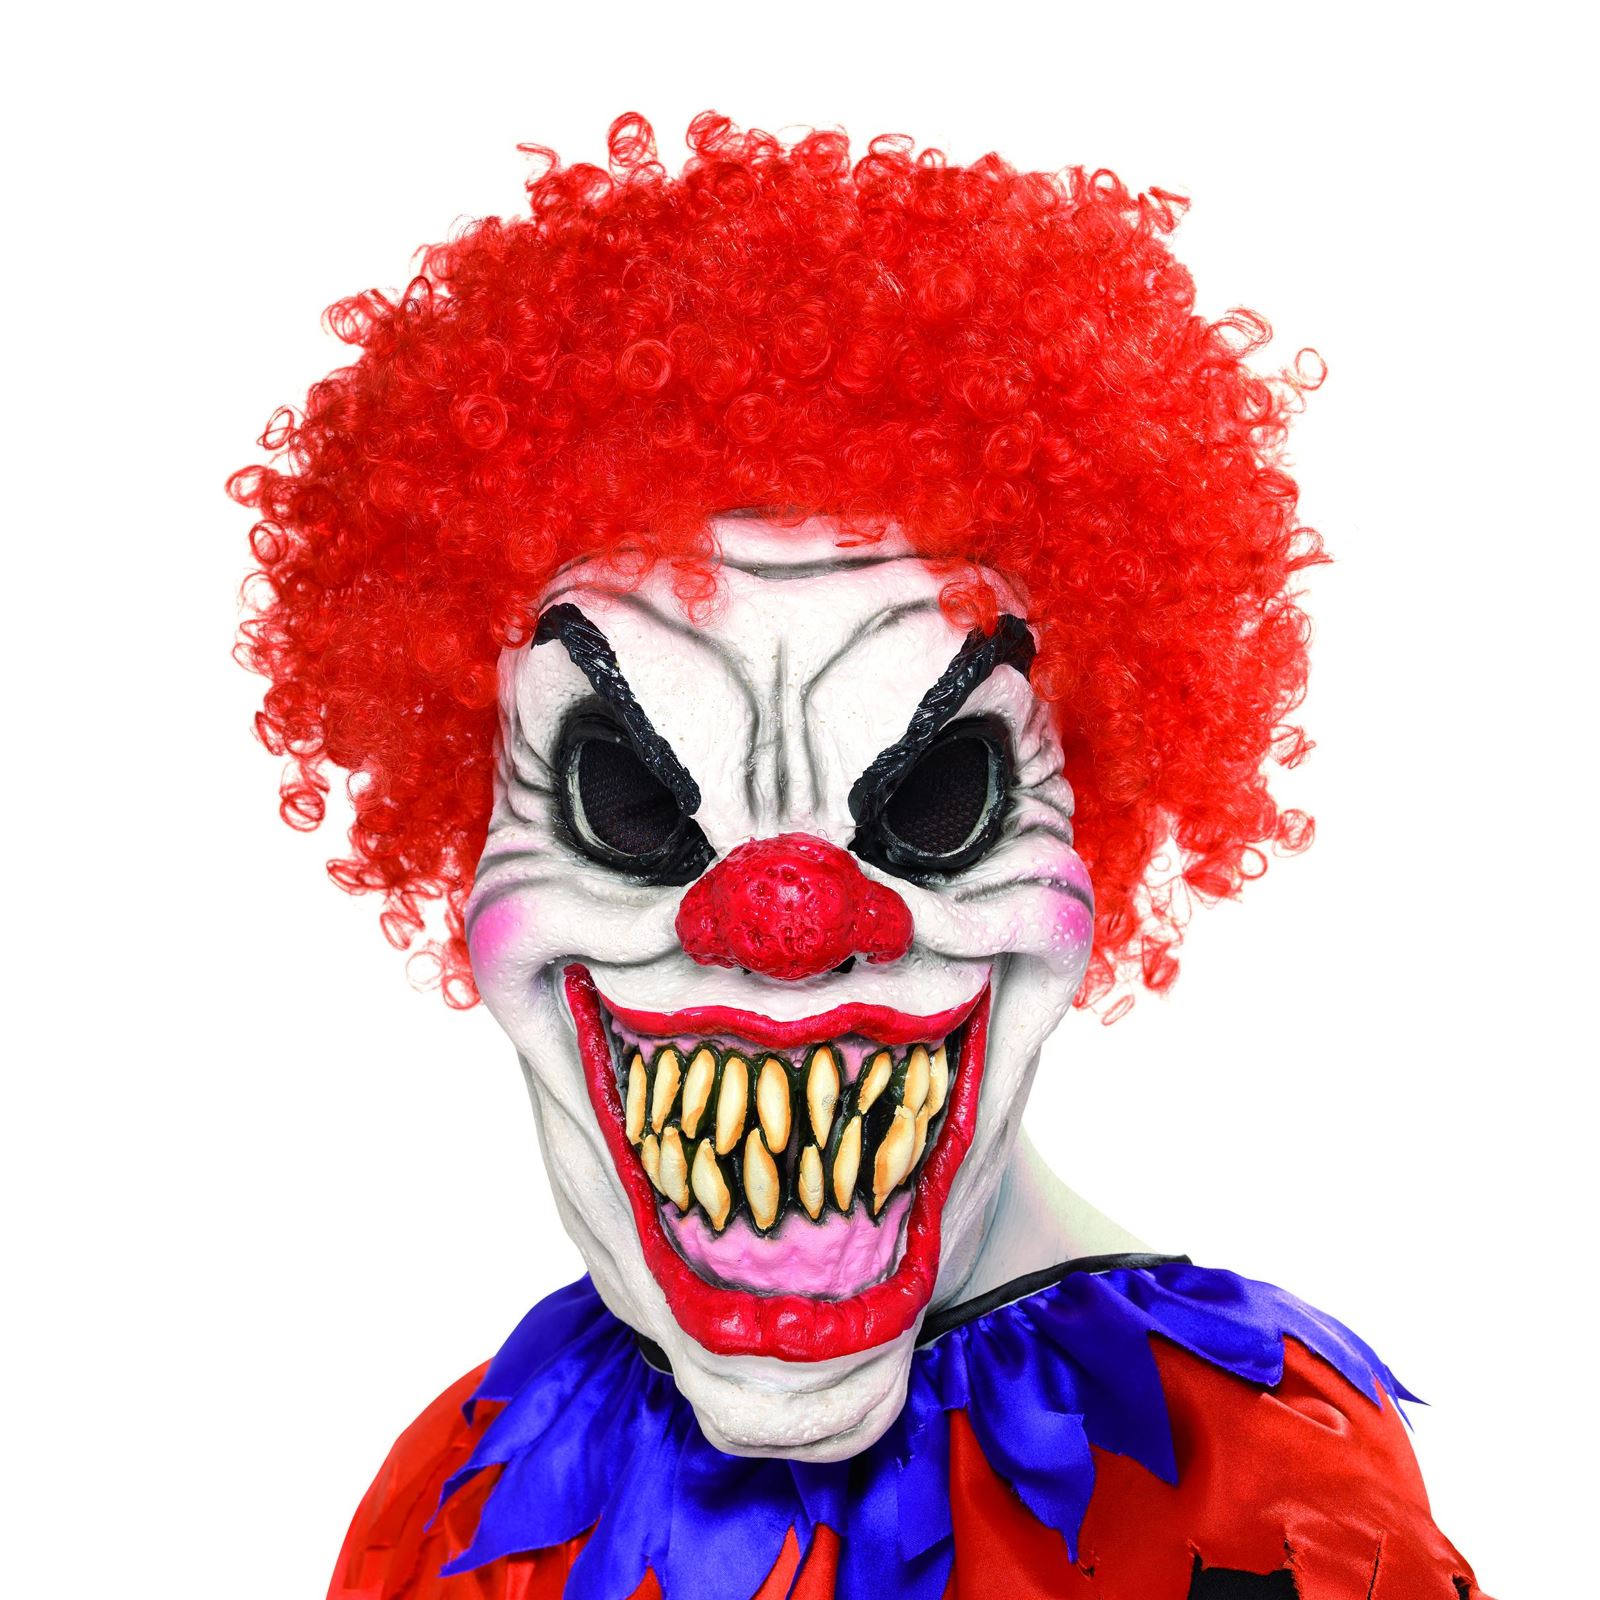 Maschera Mostro Maschera con i capelli lattice pieno Maschera Pauroso Carnevale Carnevale Halloween